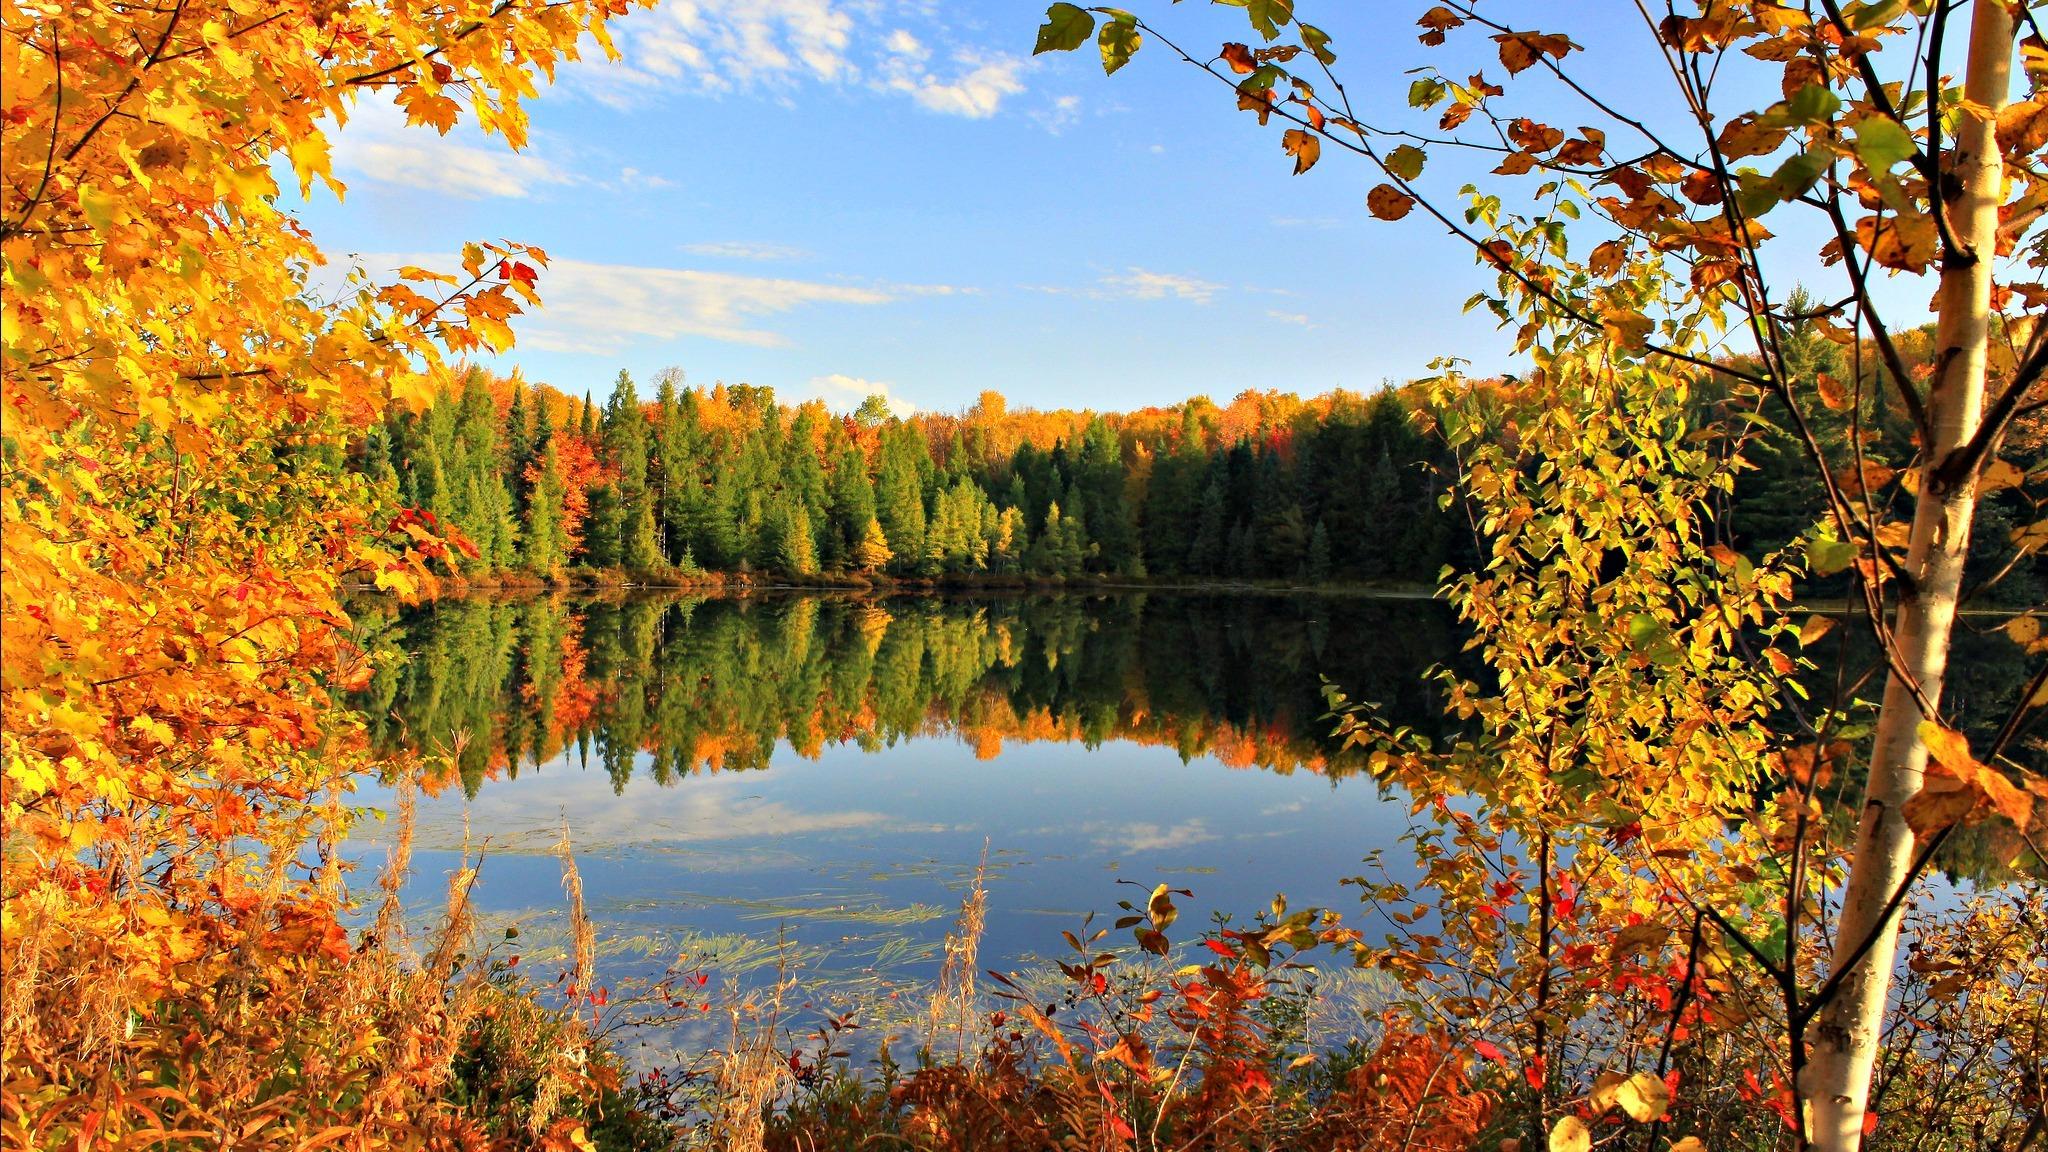 осень озеро природа облака деревья  № 2491528 загрузить